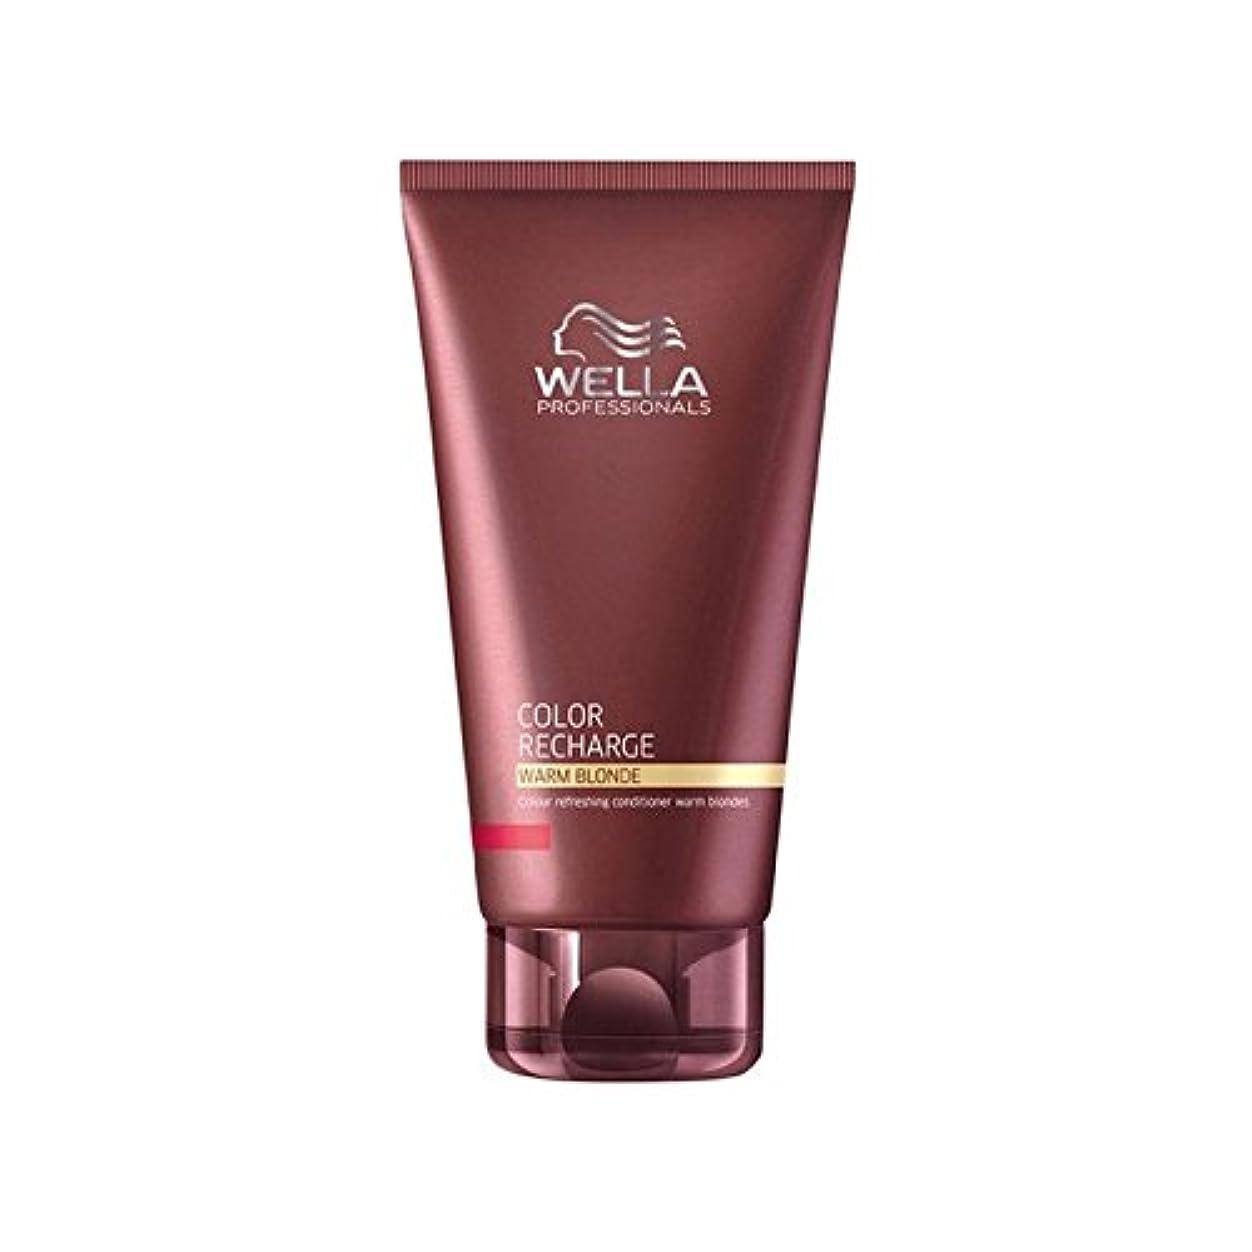 きちんとしたいいねレーダーウエラ専門家のカラー再充電コンディショナー暖かいブロンド(200ミリリットル) x2 - Wella Professionals Color Recharge Conditioner Warm Blonde (200ml) (Pack of 2) [並行輸入品]